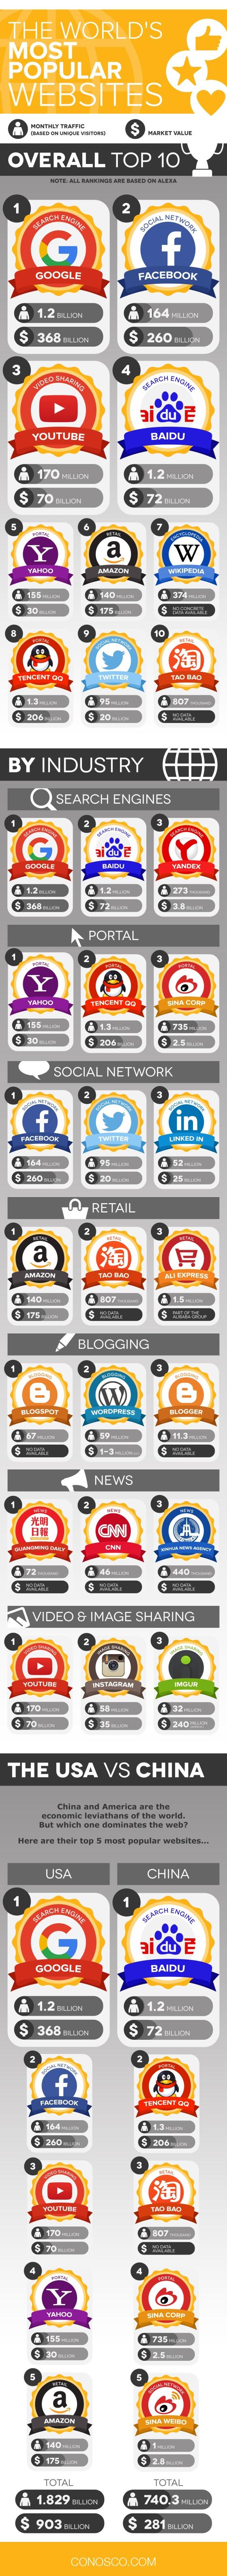 Las webs más populares del Mundo